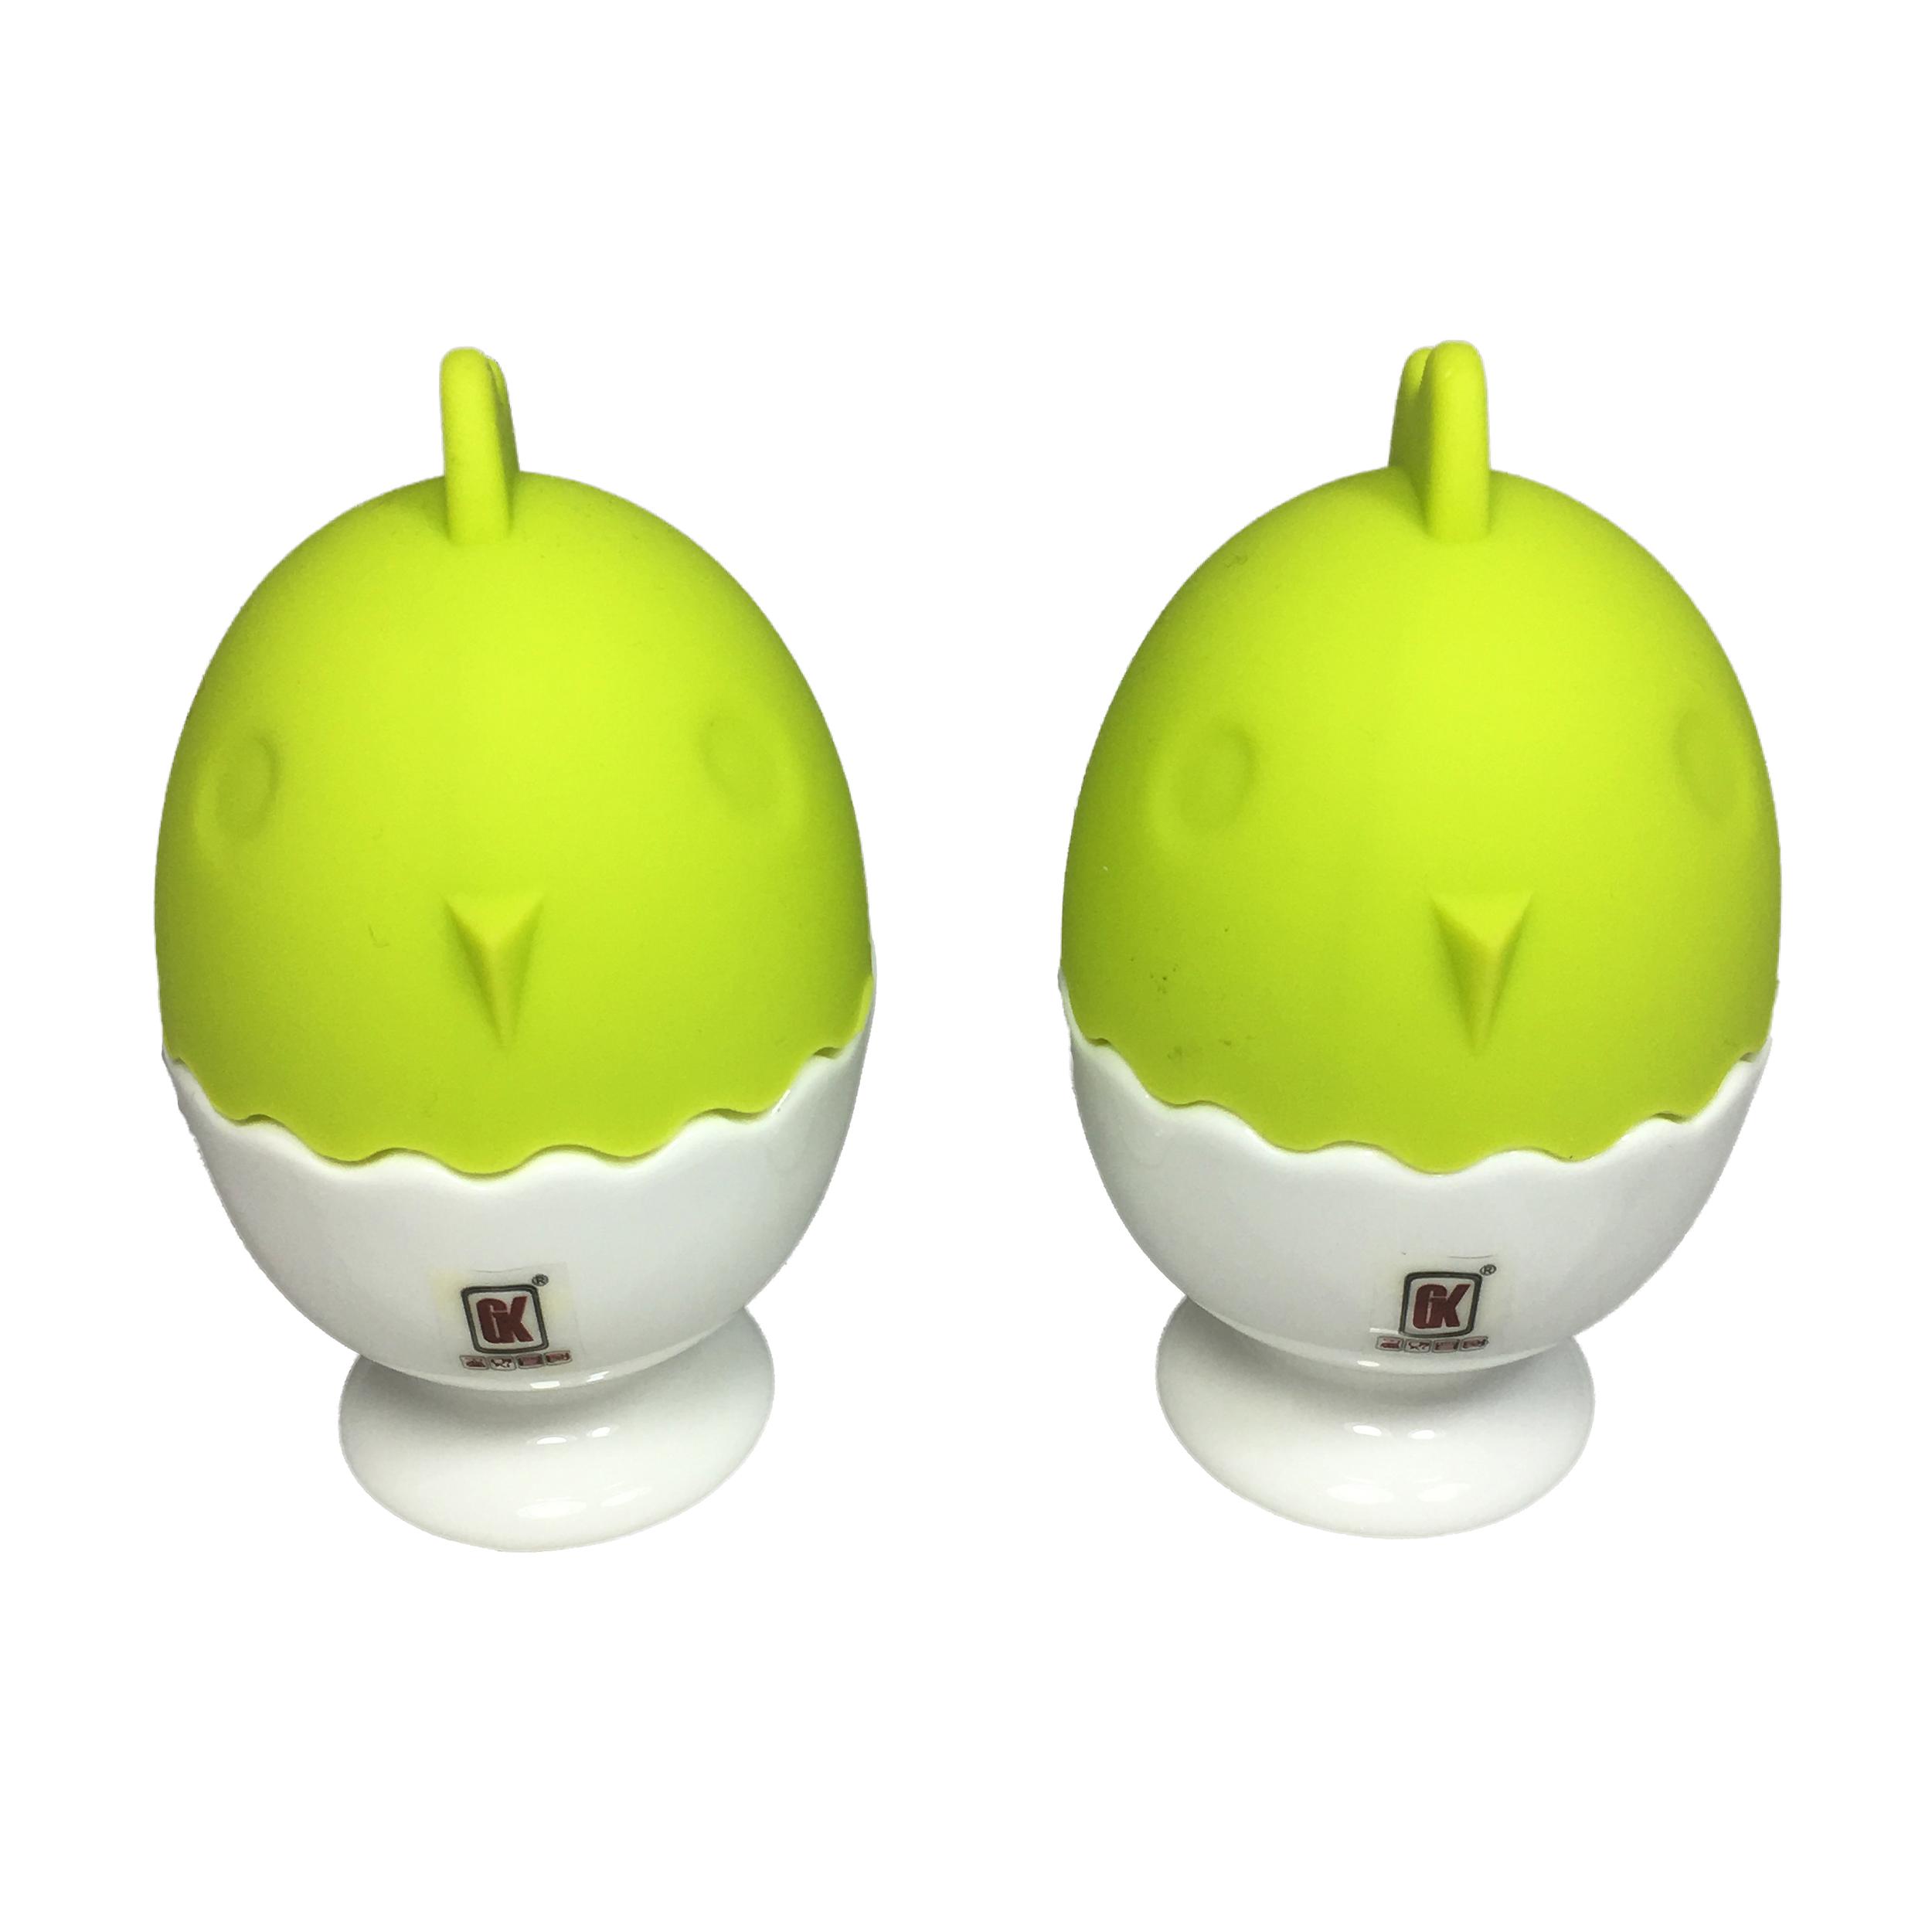 ظرف نگهدارنده تخم مرغ گلدکیش مدل 505447 بسته 2 عددی